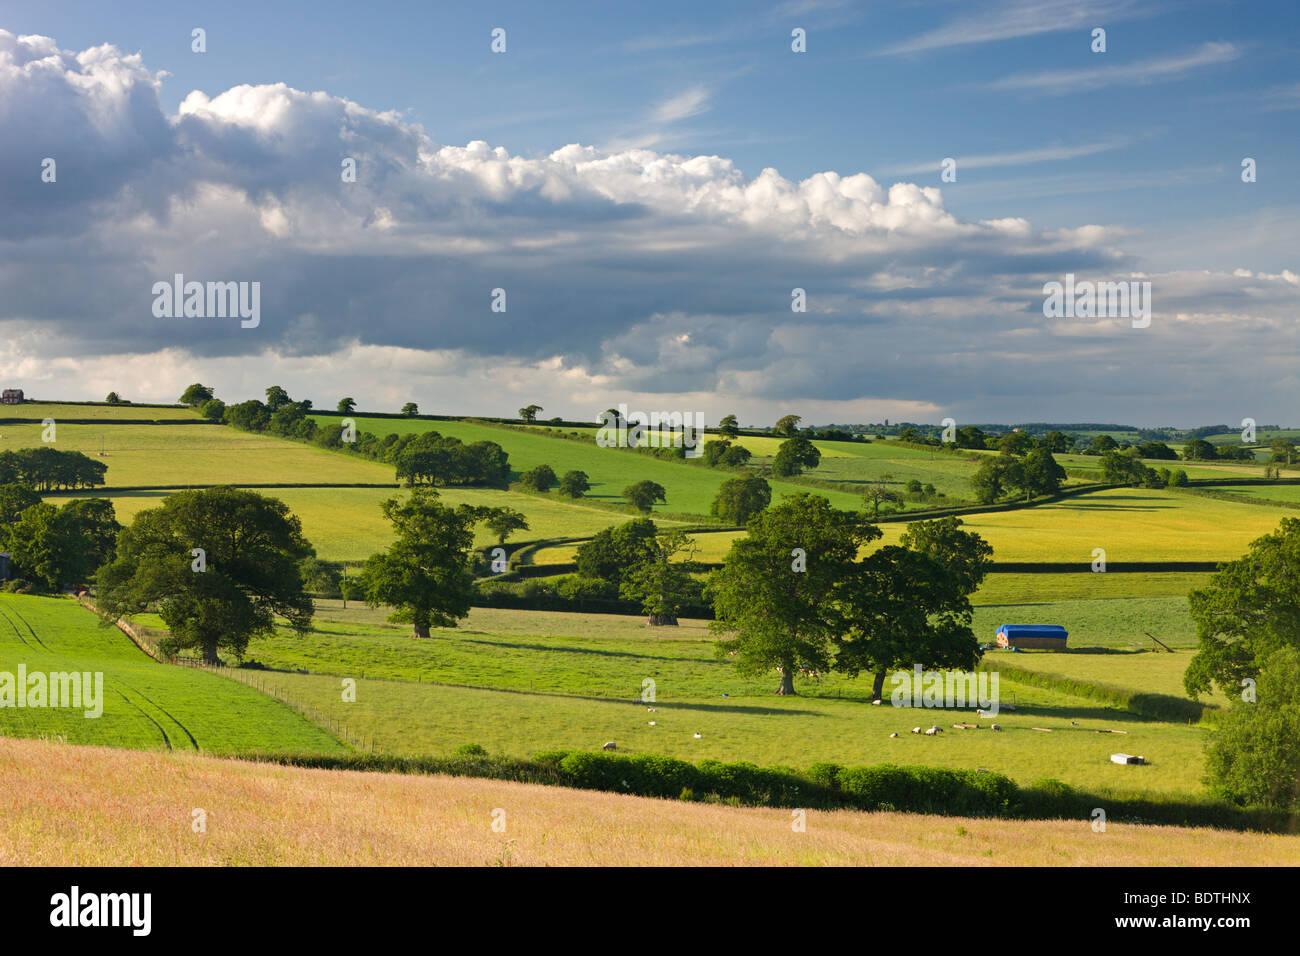 Eine hügelige Landschaft in der Nähe von Broomhill, Mitte Devon, England. Sommer (Juni) 2009 Stockbild